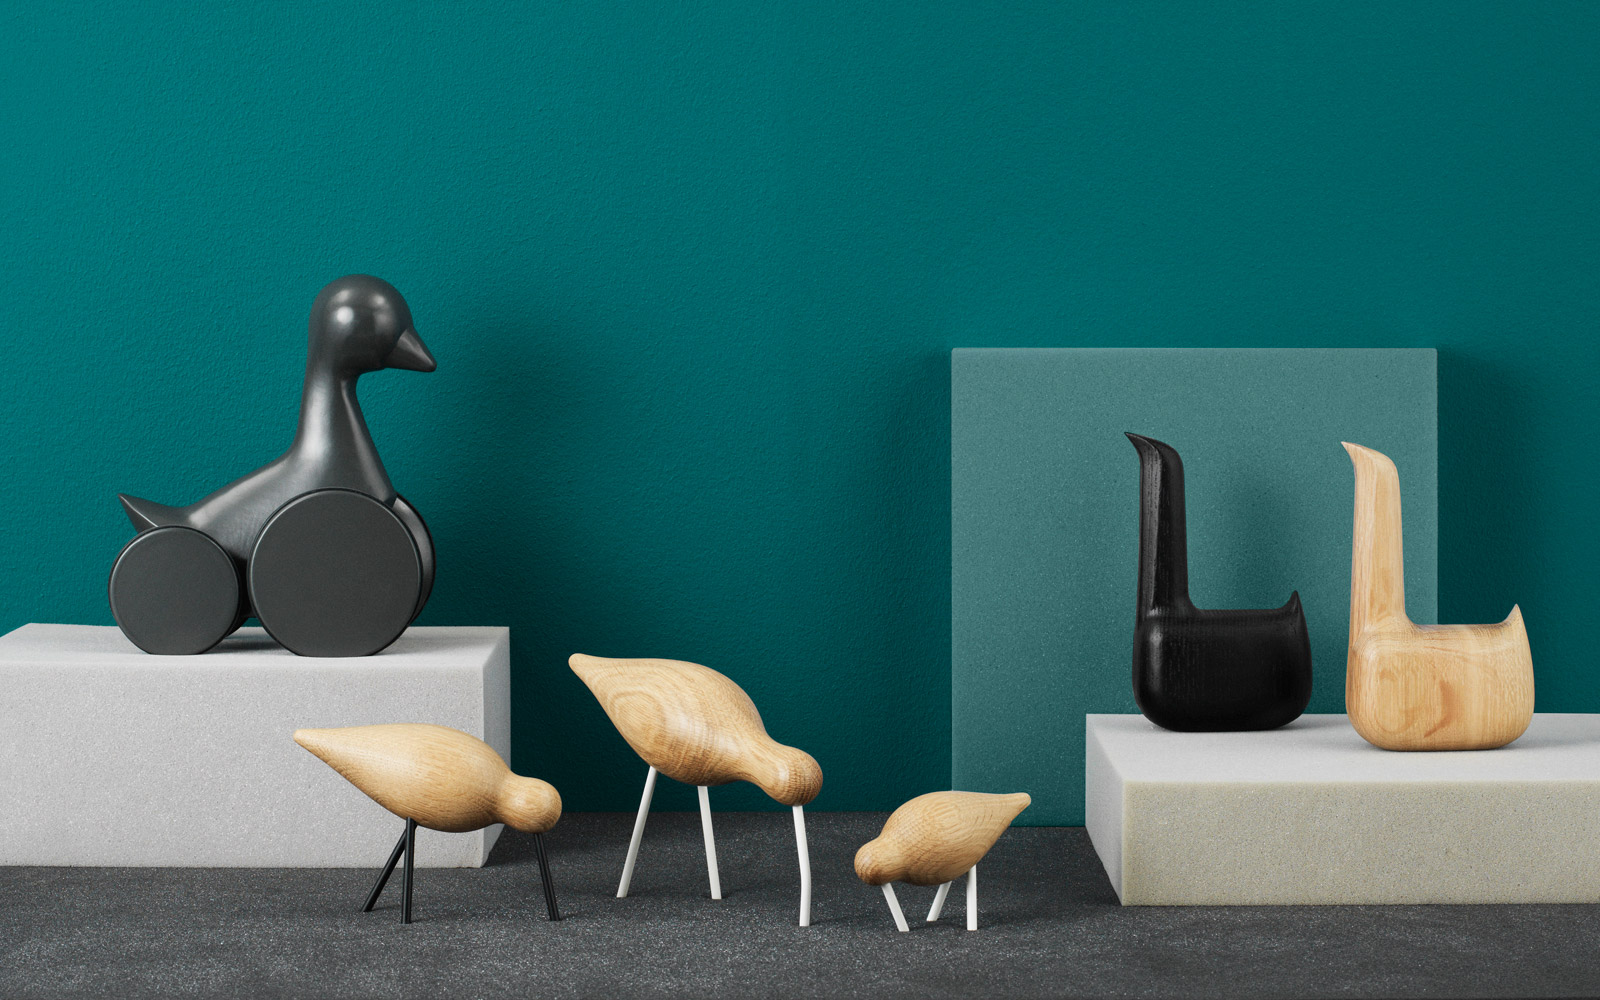 holzvogel shorebird natur schwarz mittel von normann copenhagen. Black Bedroom Furniture Sets. Home Design Ideas